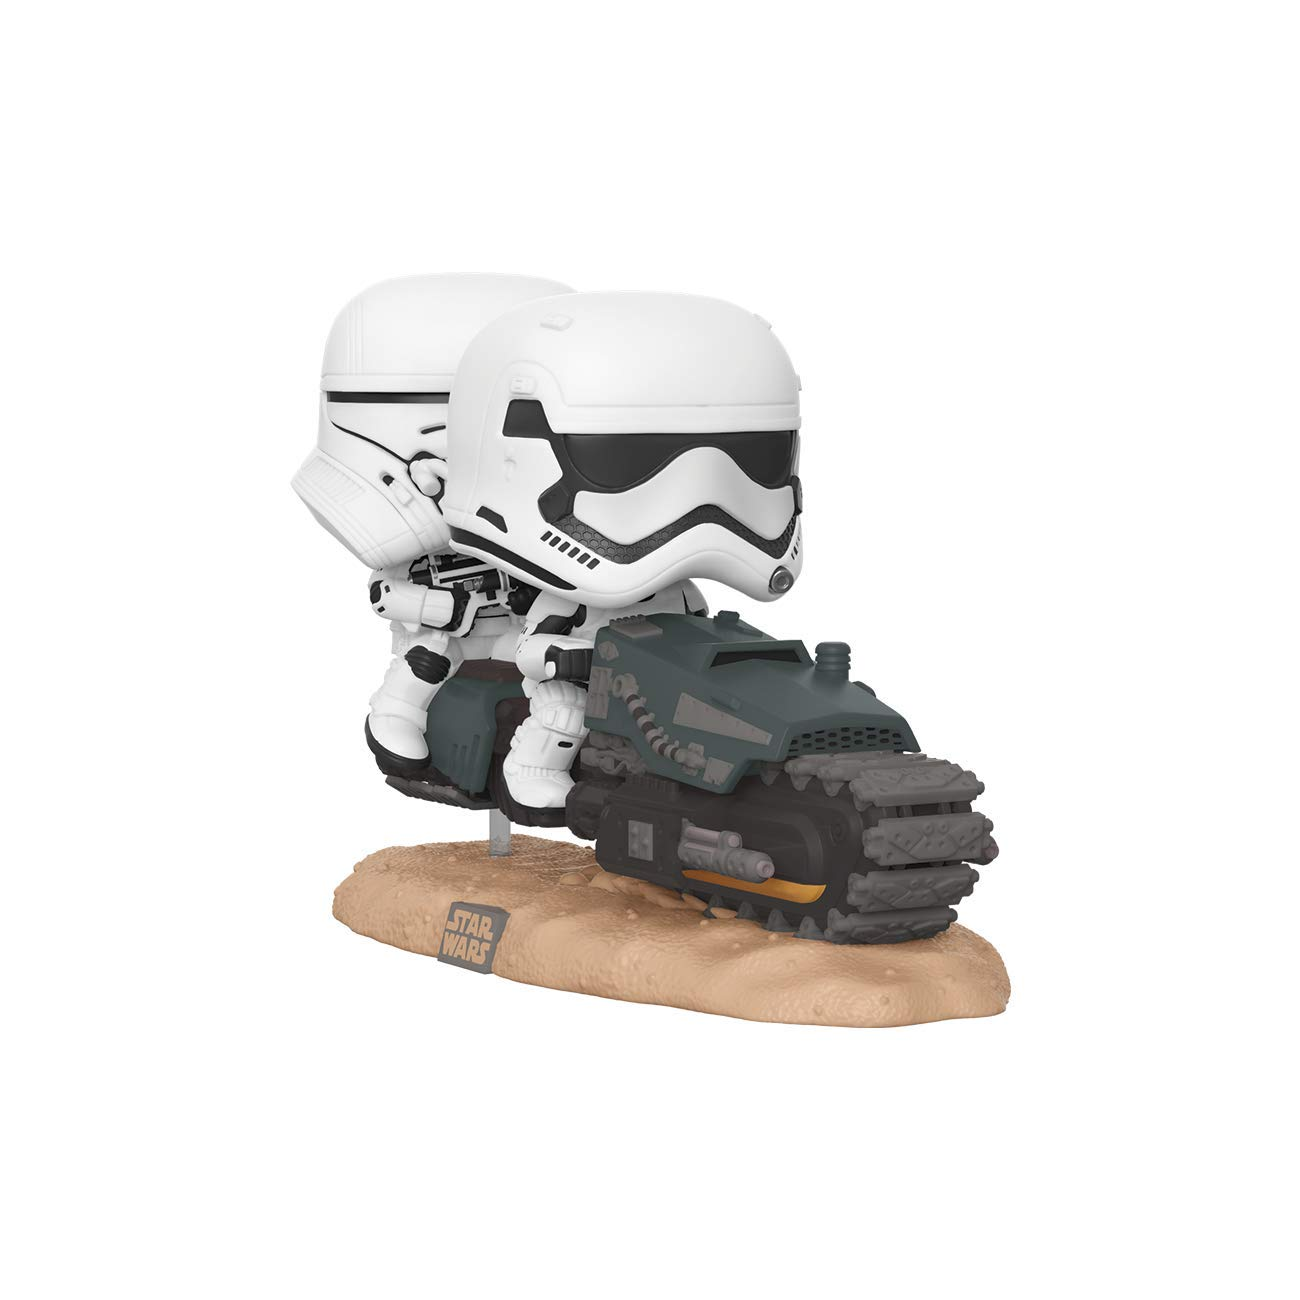 Funko Pop! Movie Moments Star Wars: Episode 9, Rise of Skywalker – First Order Tread Speeder